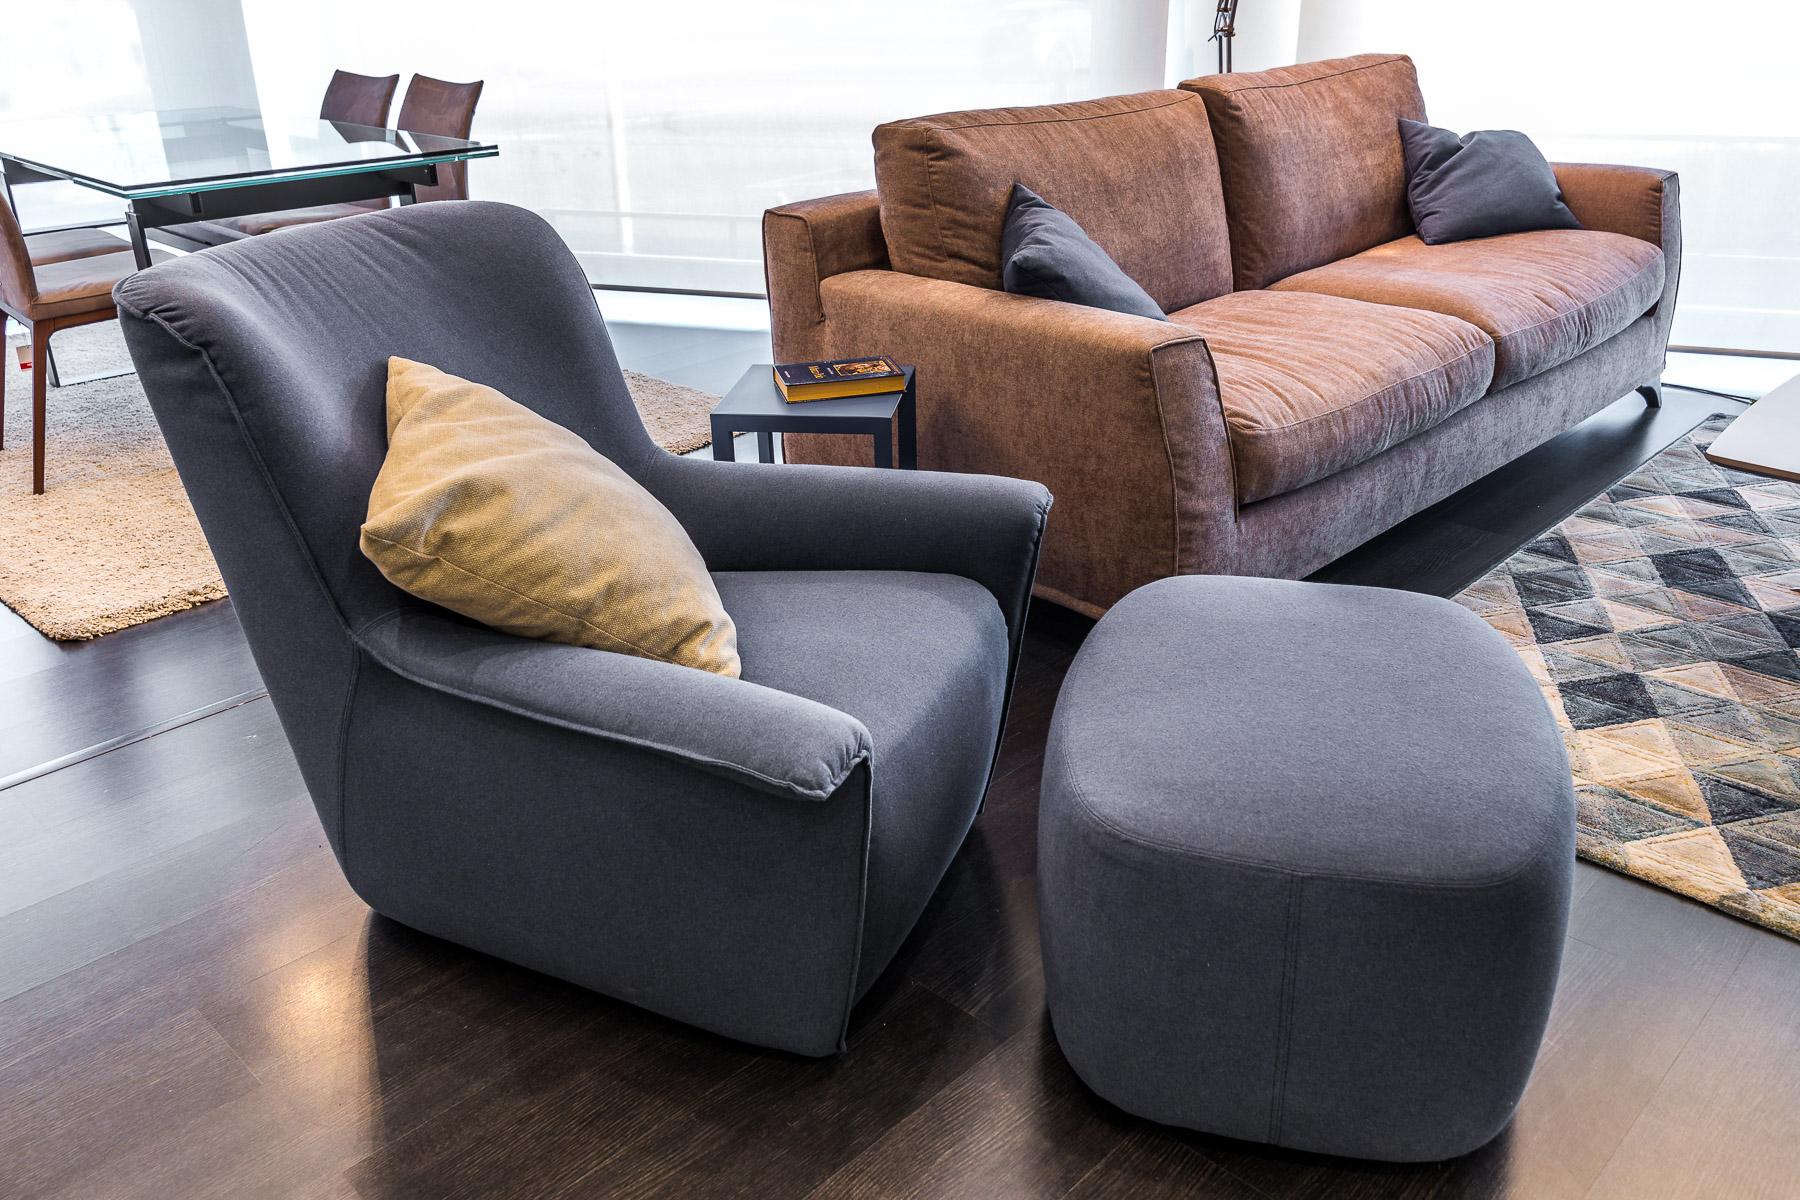 Bodema divani opinioni great sofas with bodema divani opinioni stunning website grid with - Divano modulare economico ...